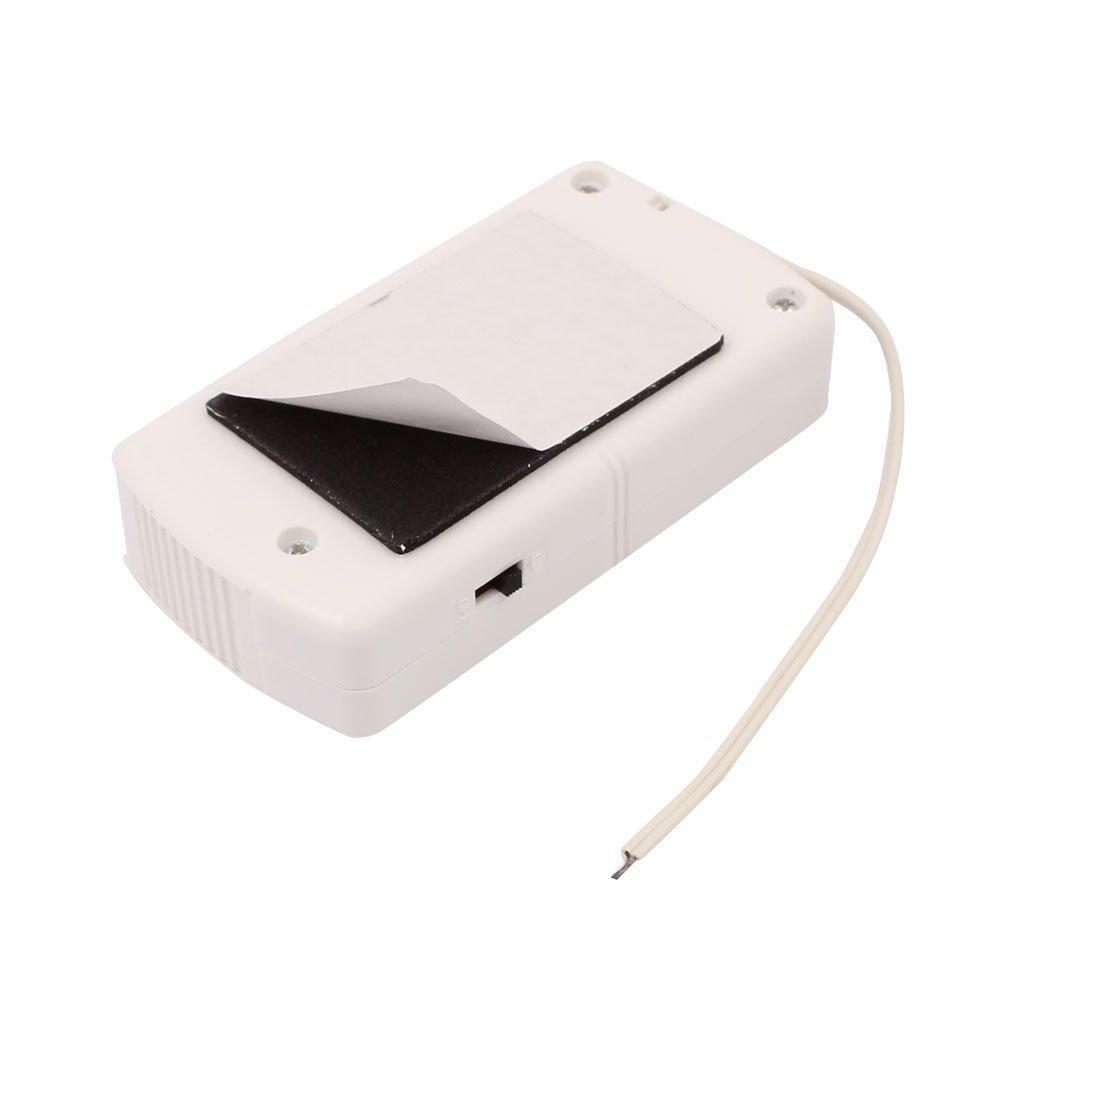 eDealMax Seguridad Personal Ventana de la puerta de desconexión de alarma 120dB Sistema Blanca: Amazon.com: Industrial & Scientific